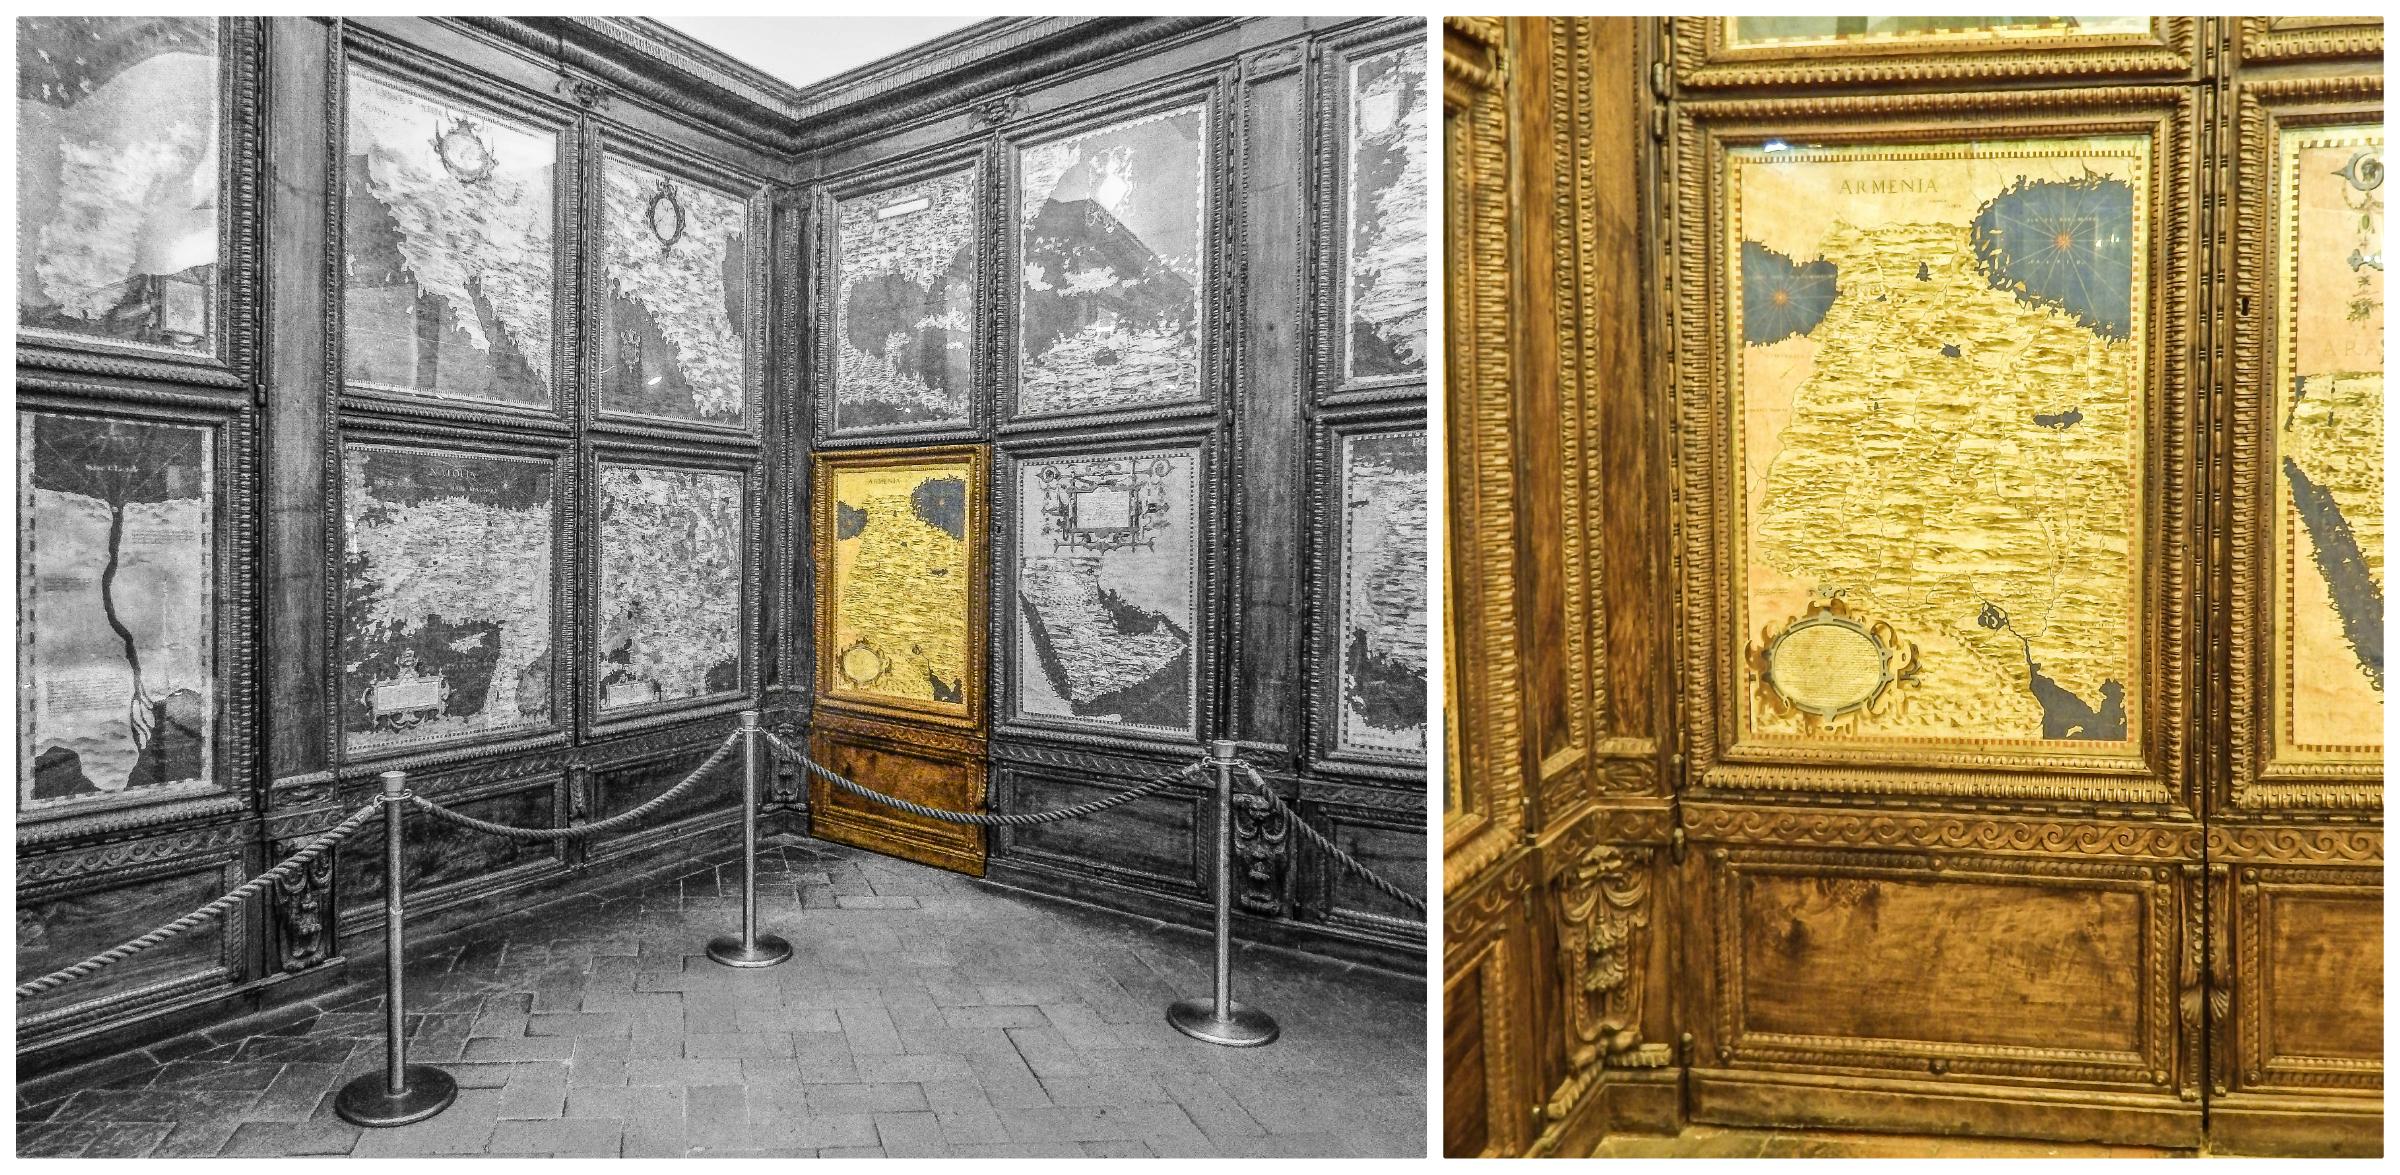 florence italy palazzo vecchio armenia map